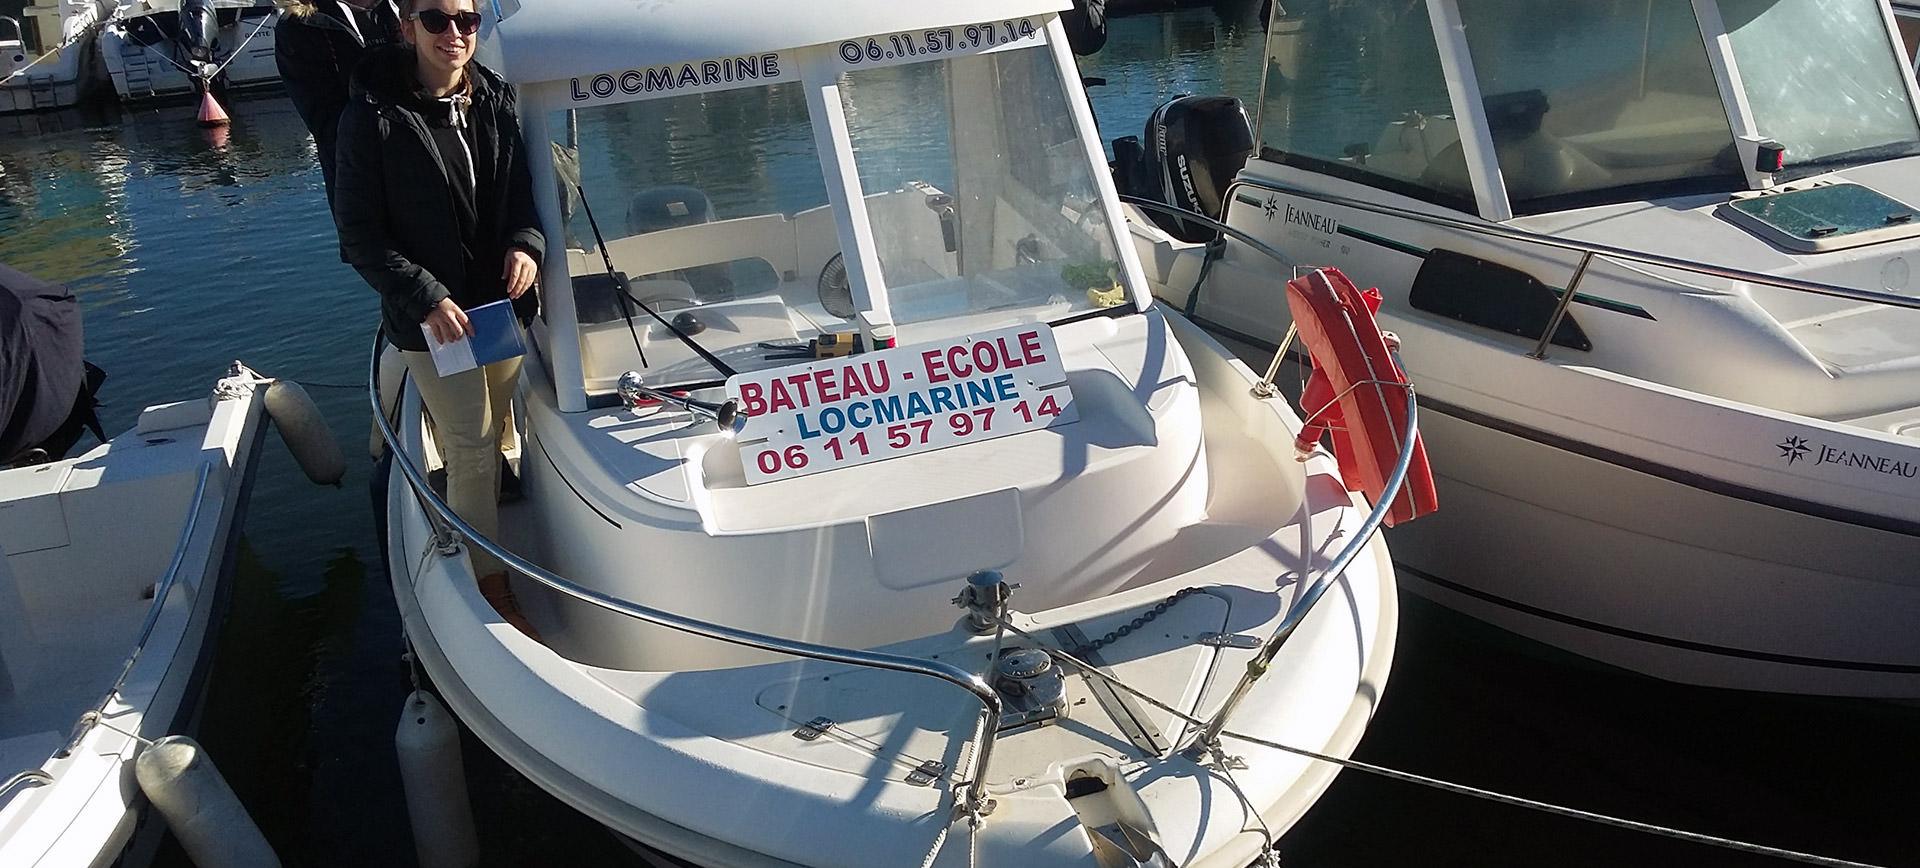 bateau-école Valras-Plage, école de bateau Valras-Plage, permis bateau Valras-Plage, formation au permis bateau Valras-Plage, permis côtier Valras-Plage